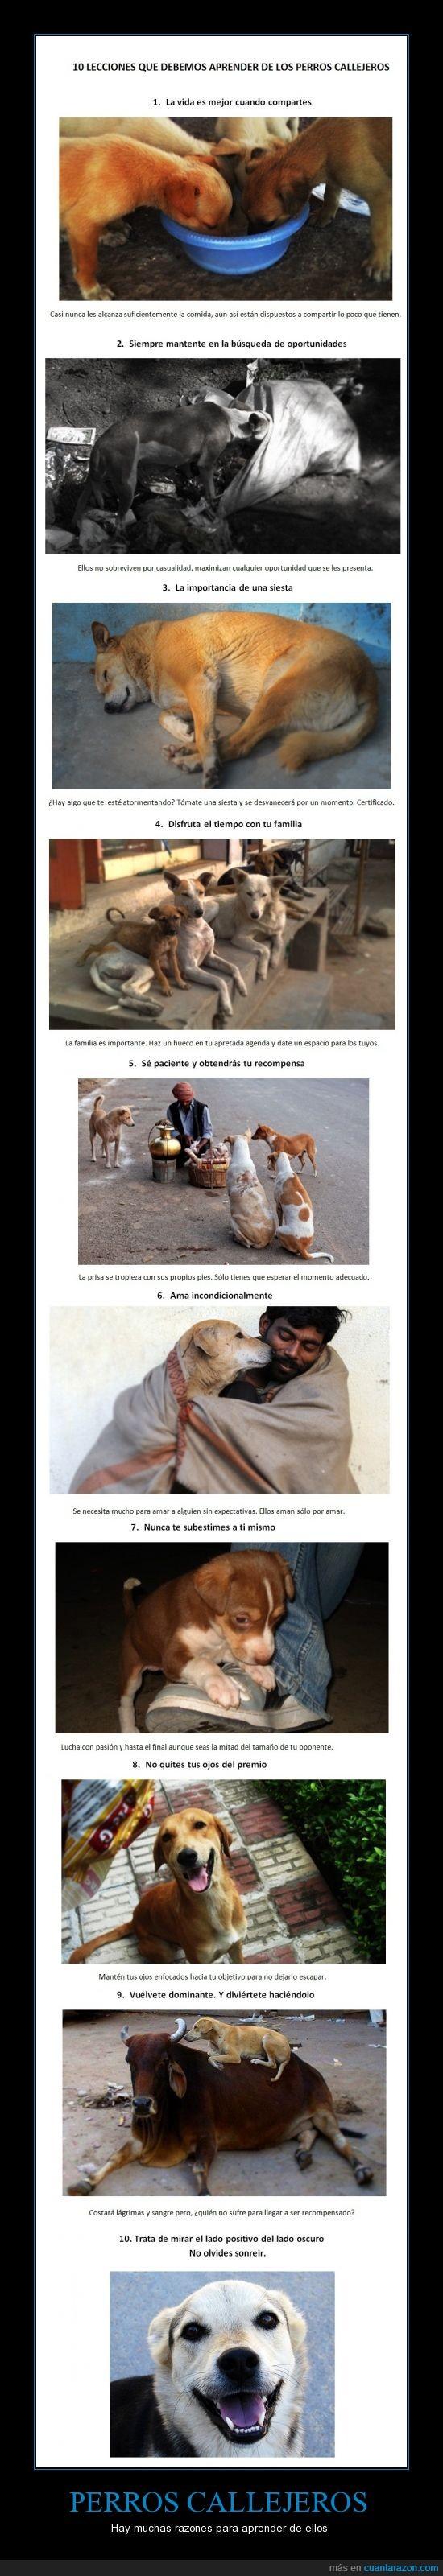 abandonados,lecciones,perros callejeros,reflexiones